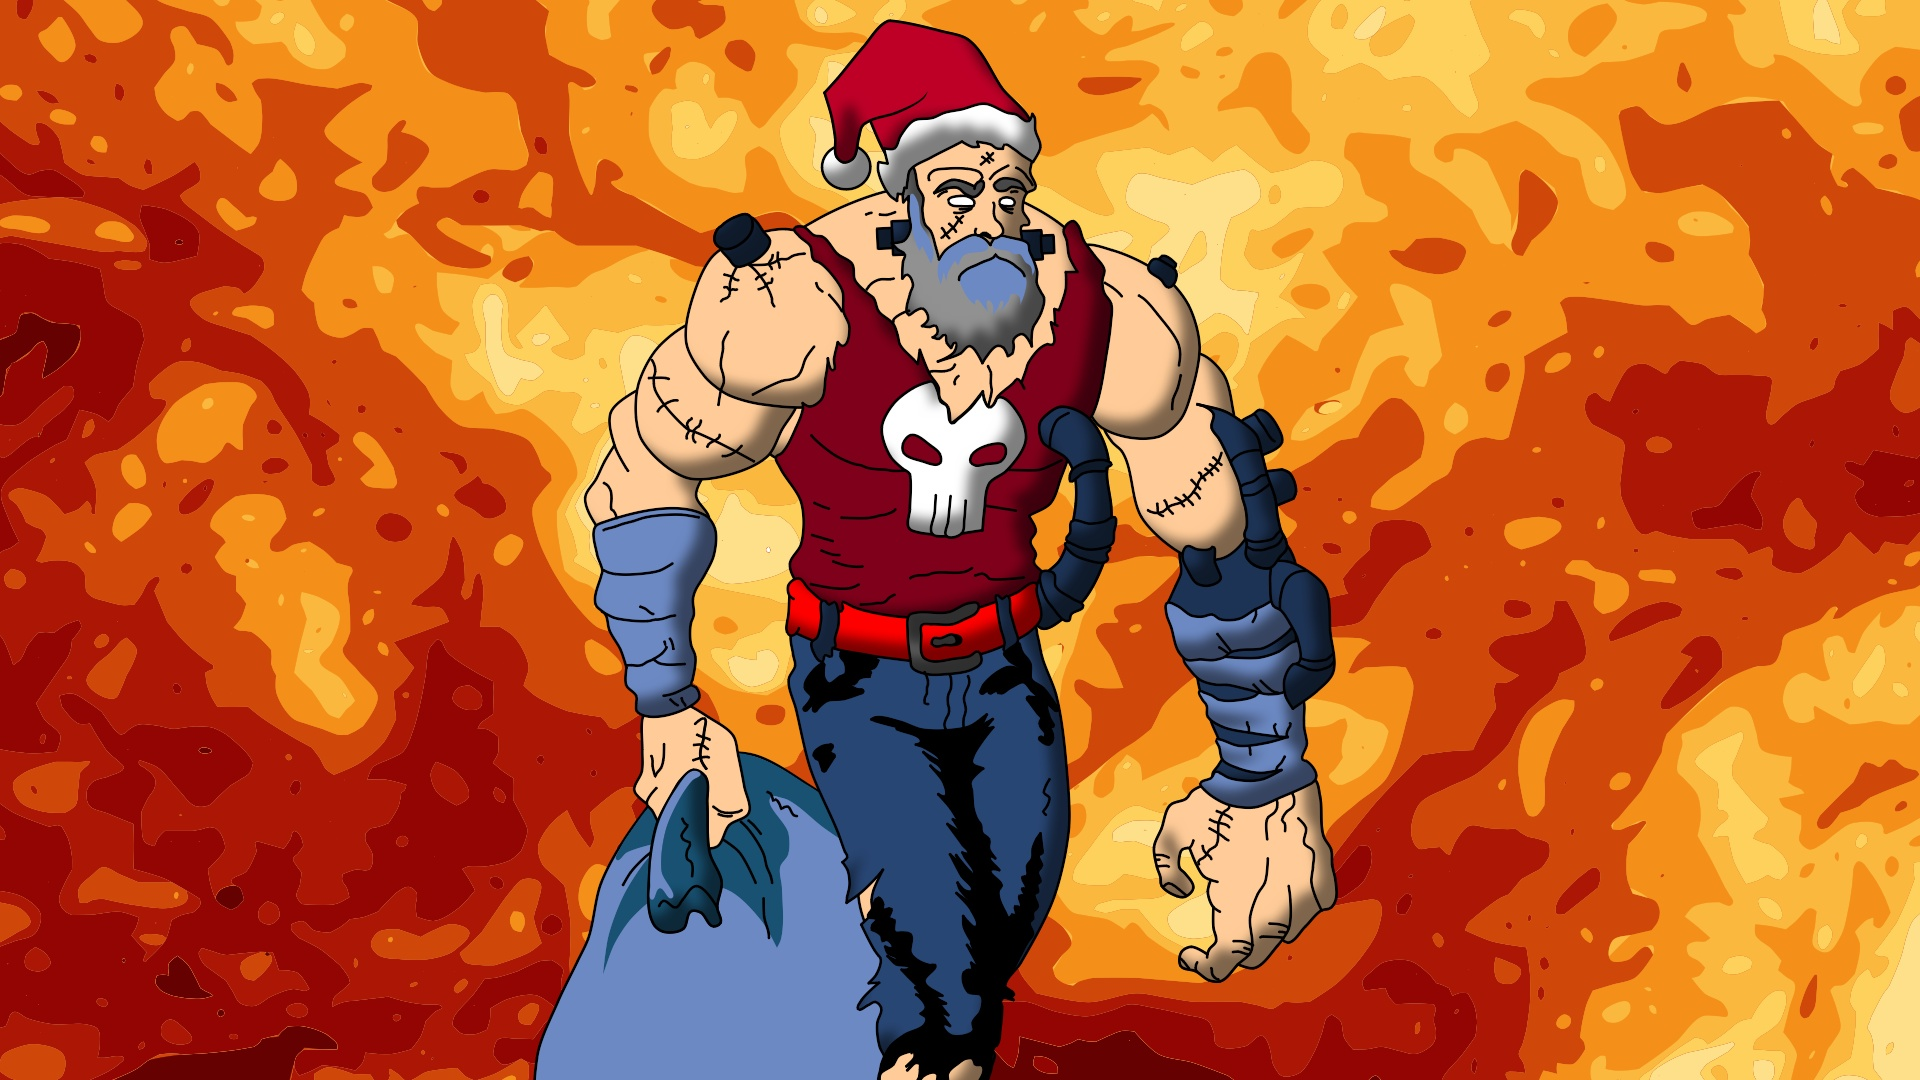 Cyborg Santa!